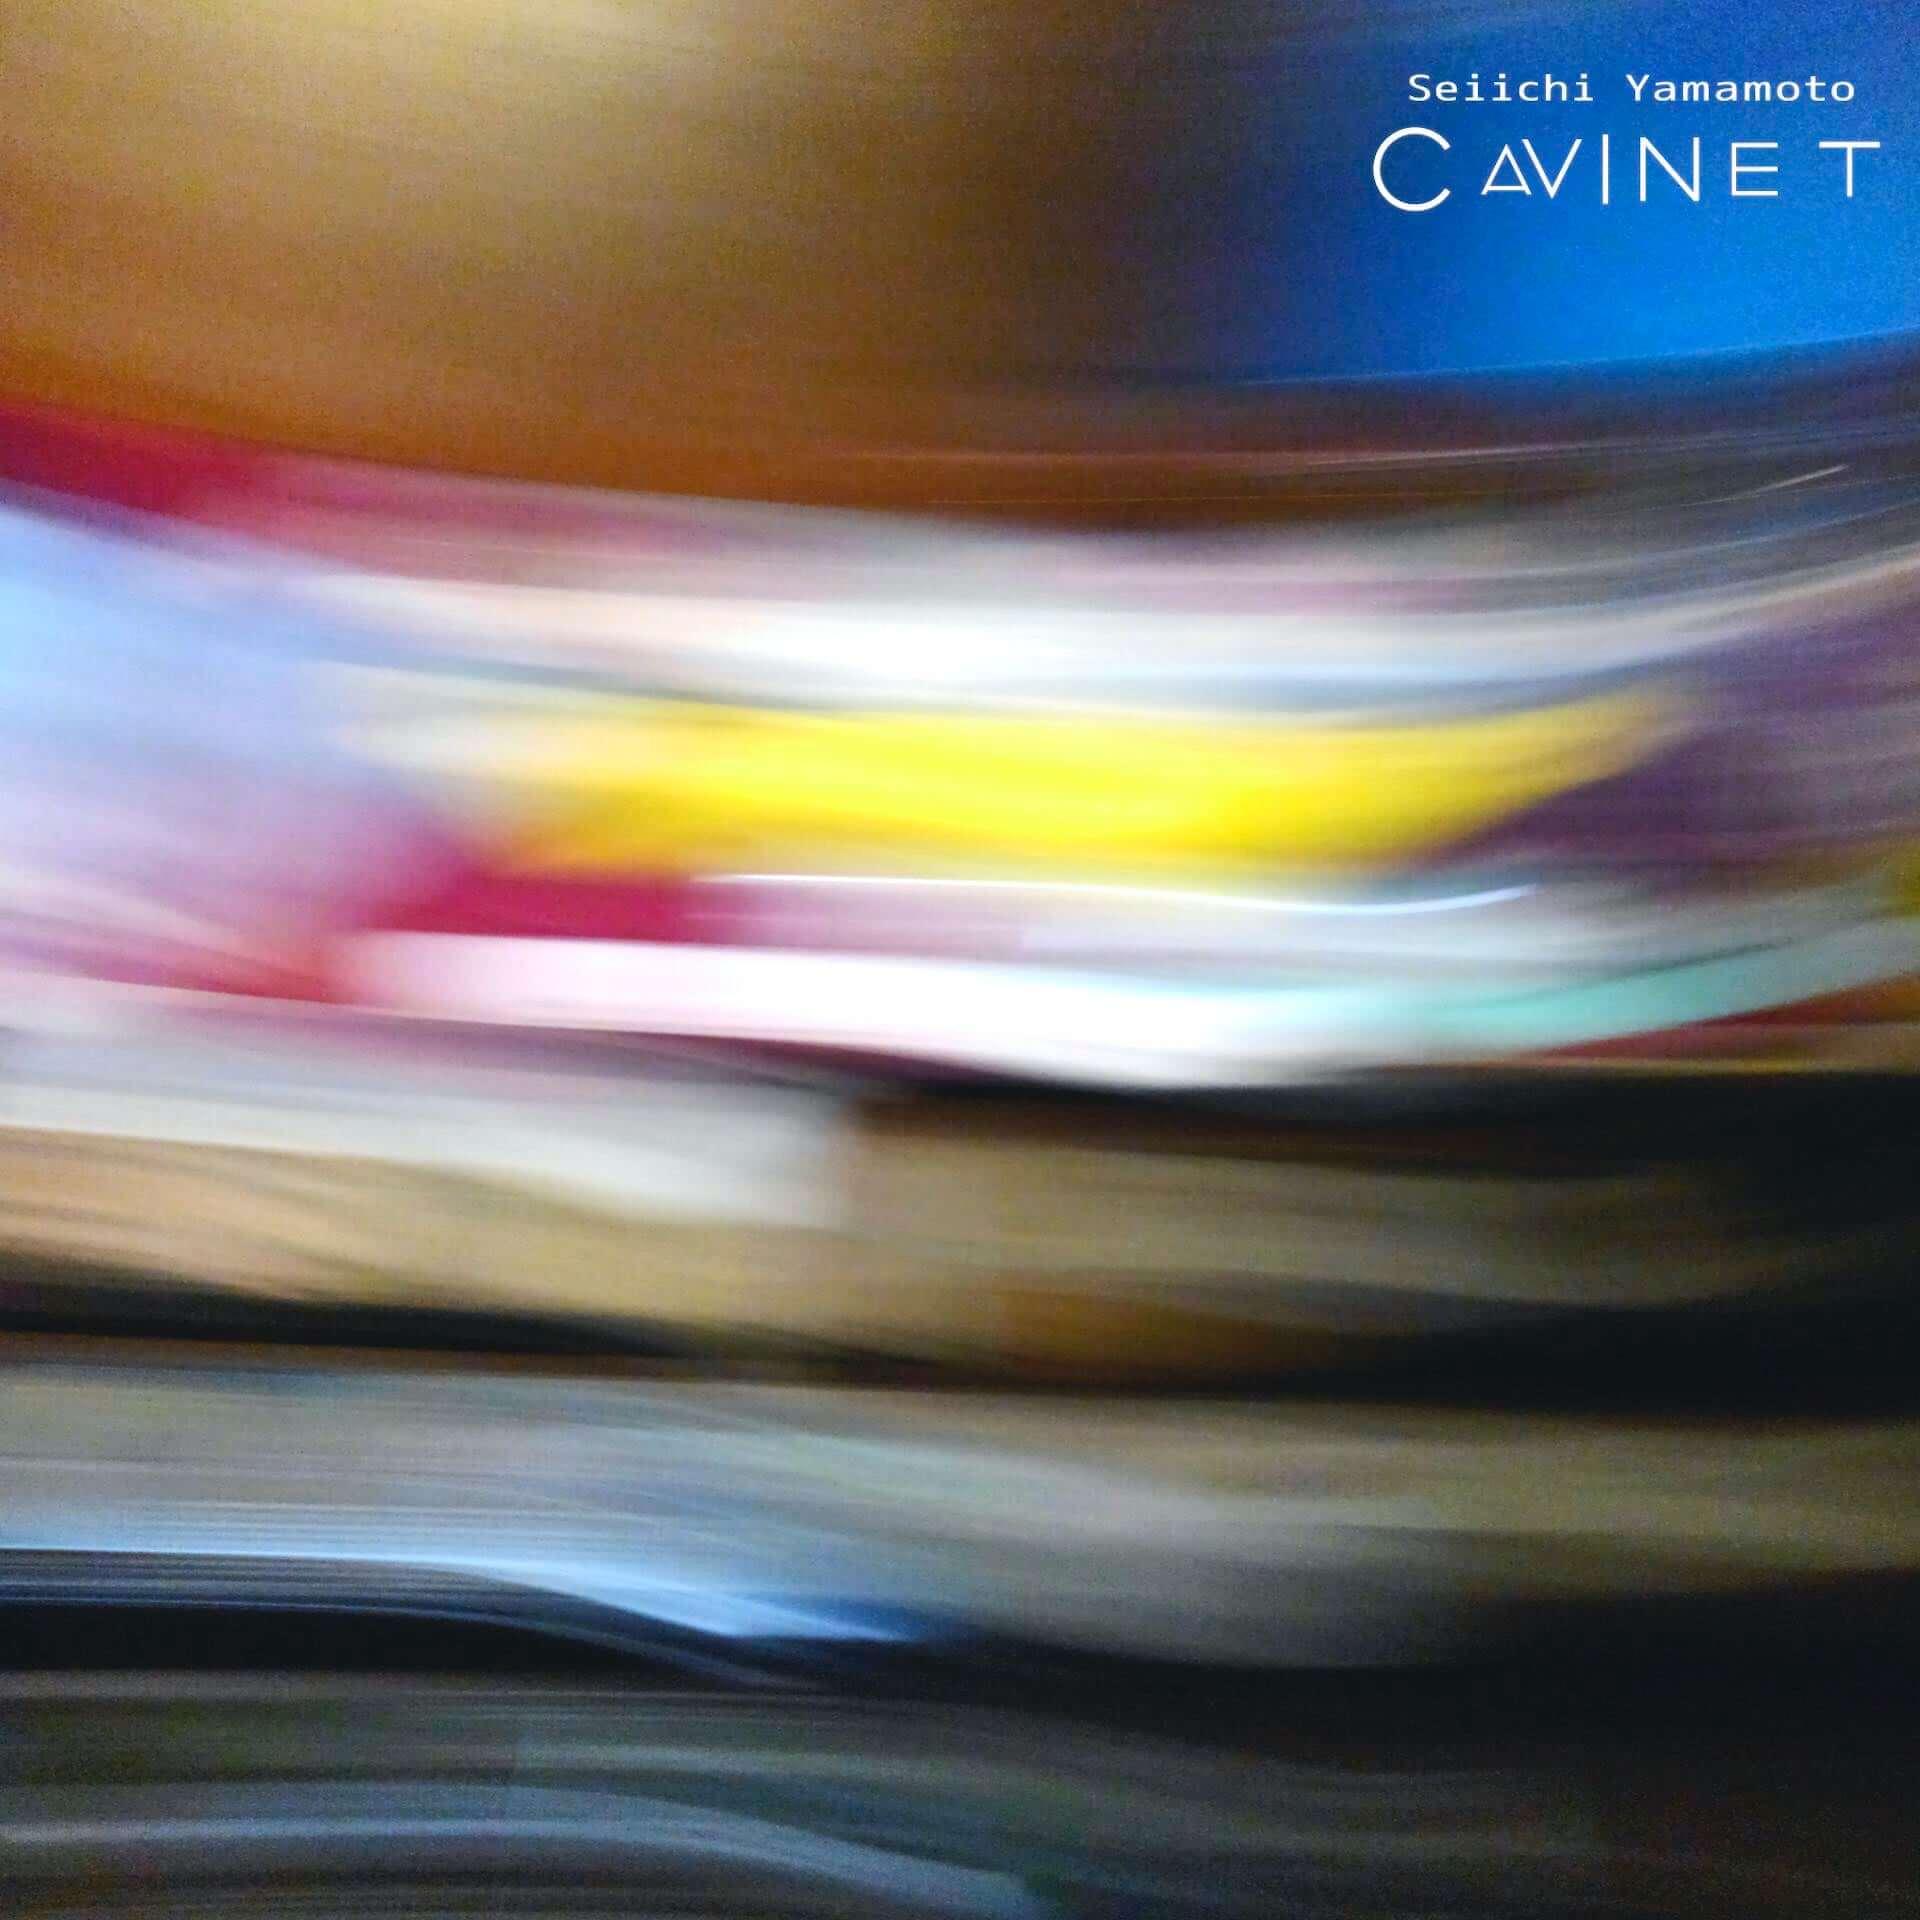 山本精一がインスト・アルバム『CAVINET』のリリースを発表!前作『selfy』の<遅すぎたレコ発>も開催決定 music210331_seiichiyamamoto_1-1920x1920